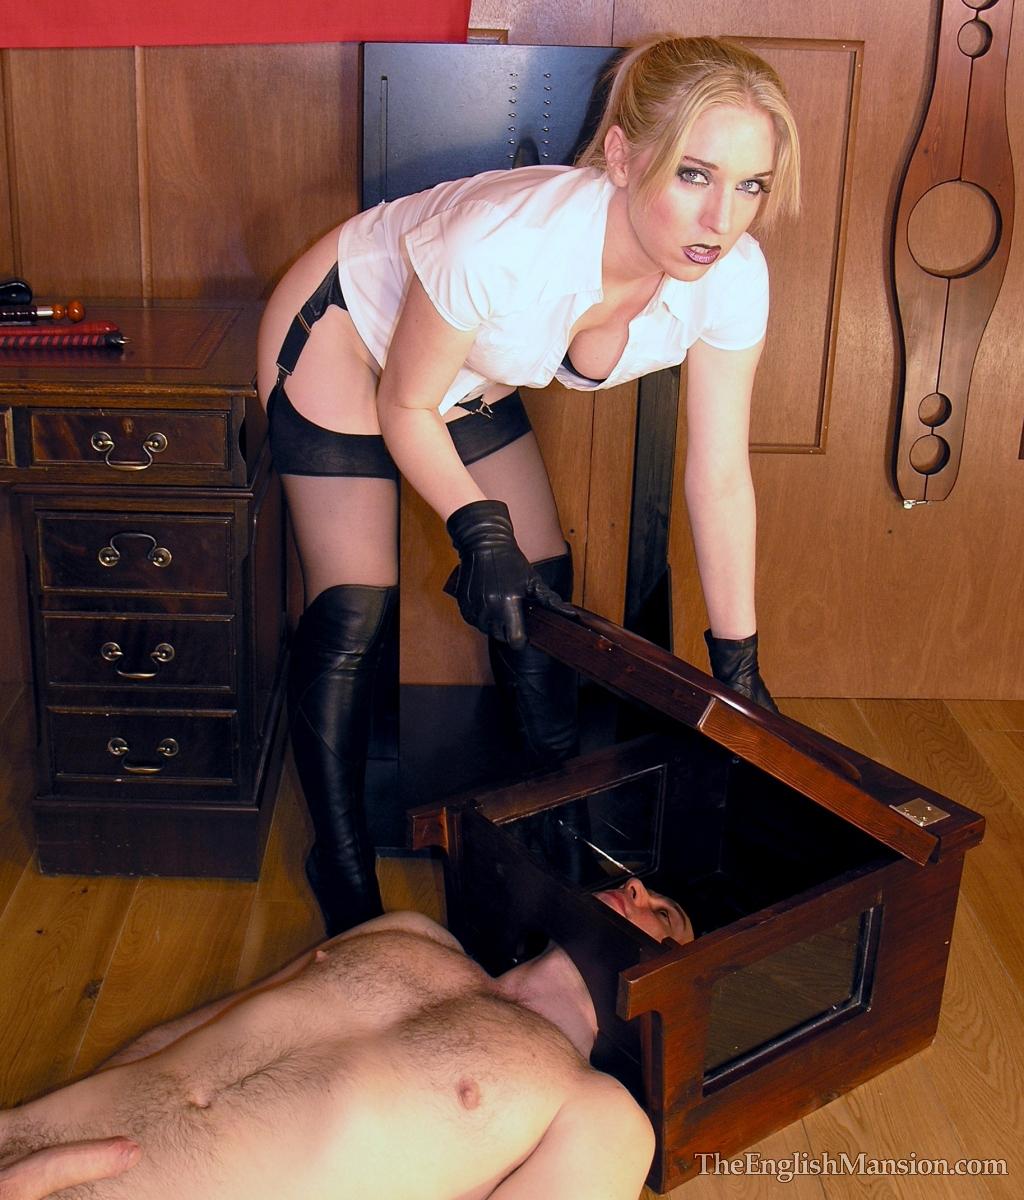 Sexy servant porn pics sexual download